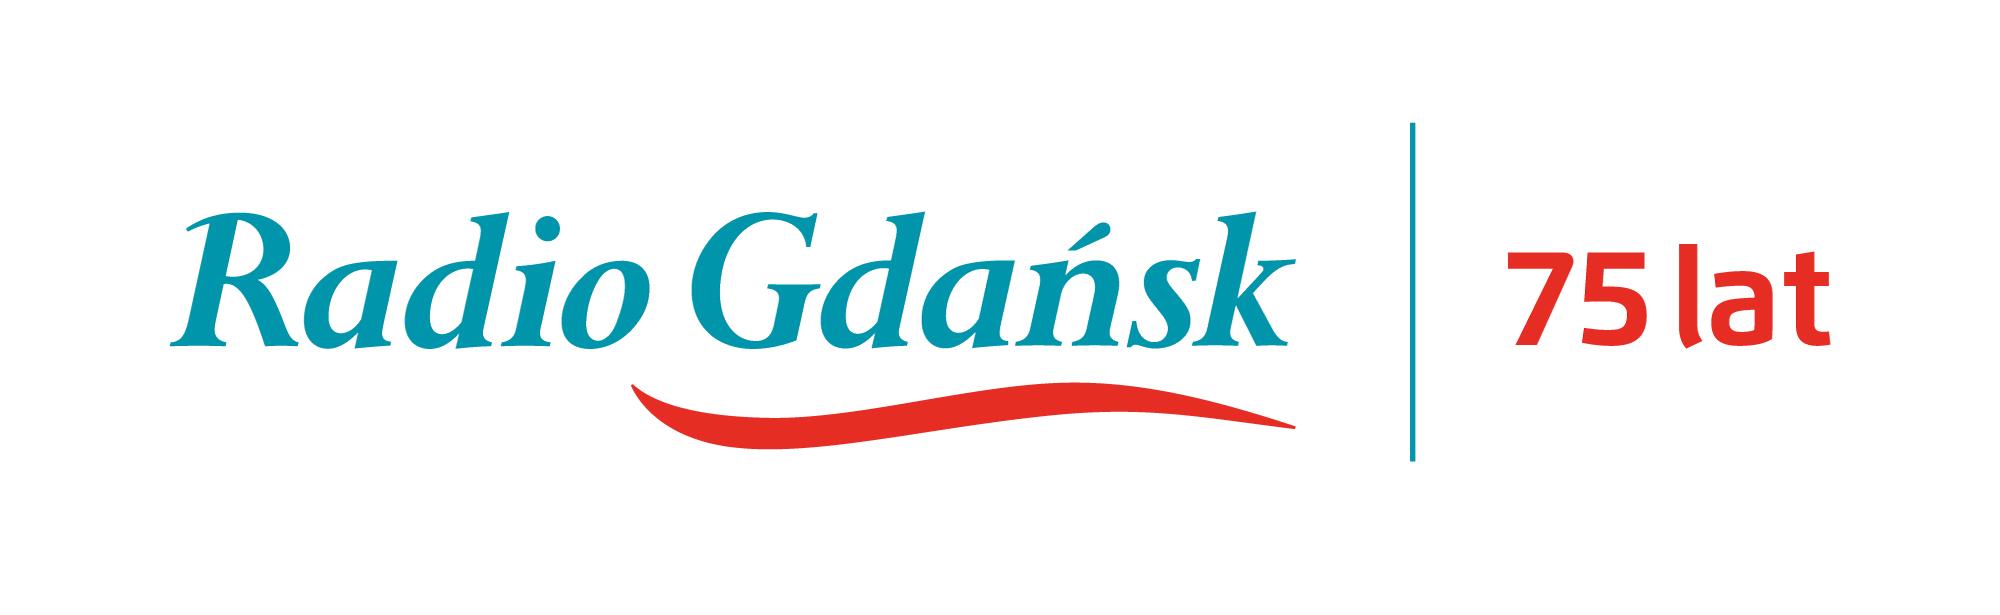 Radio_Gdansk_75_lat_znak